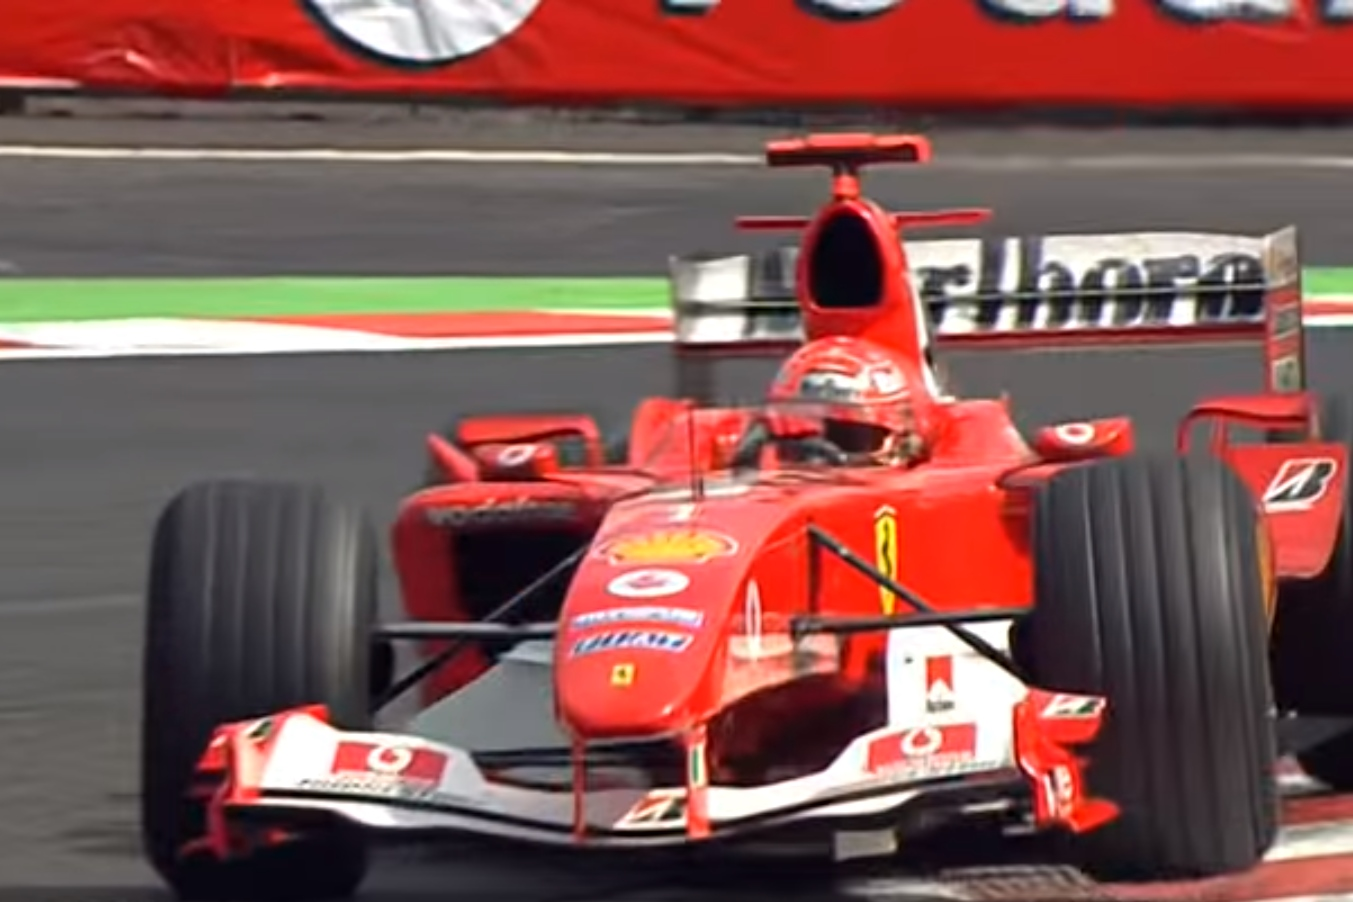 Michael Schumacher Ferrari F2004 Belgian Gp Spa F1 2004 7th Title Maxf1net